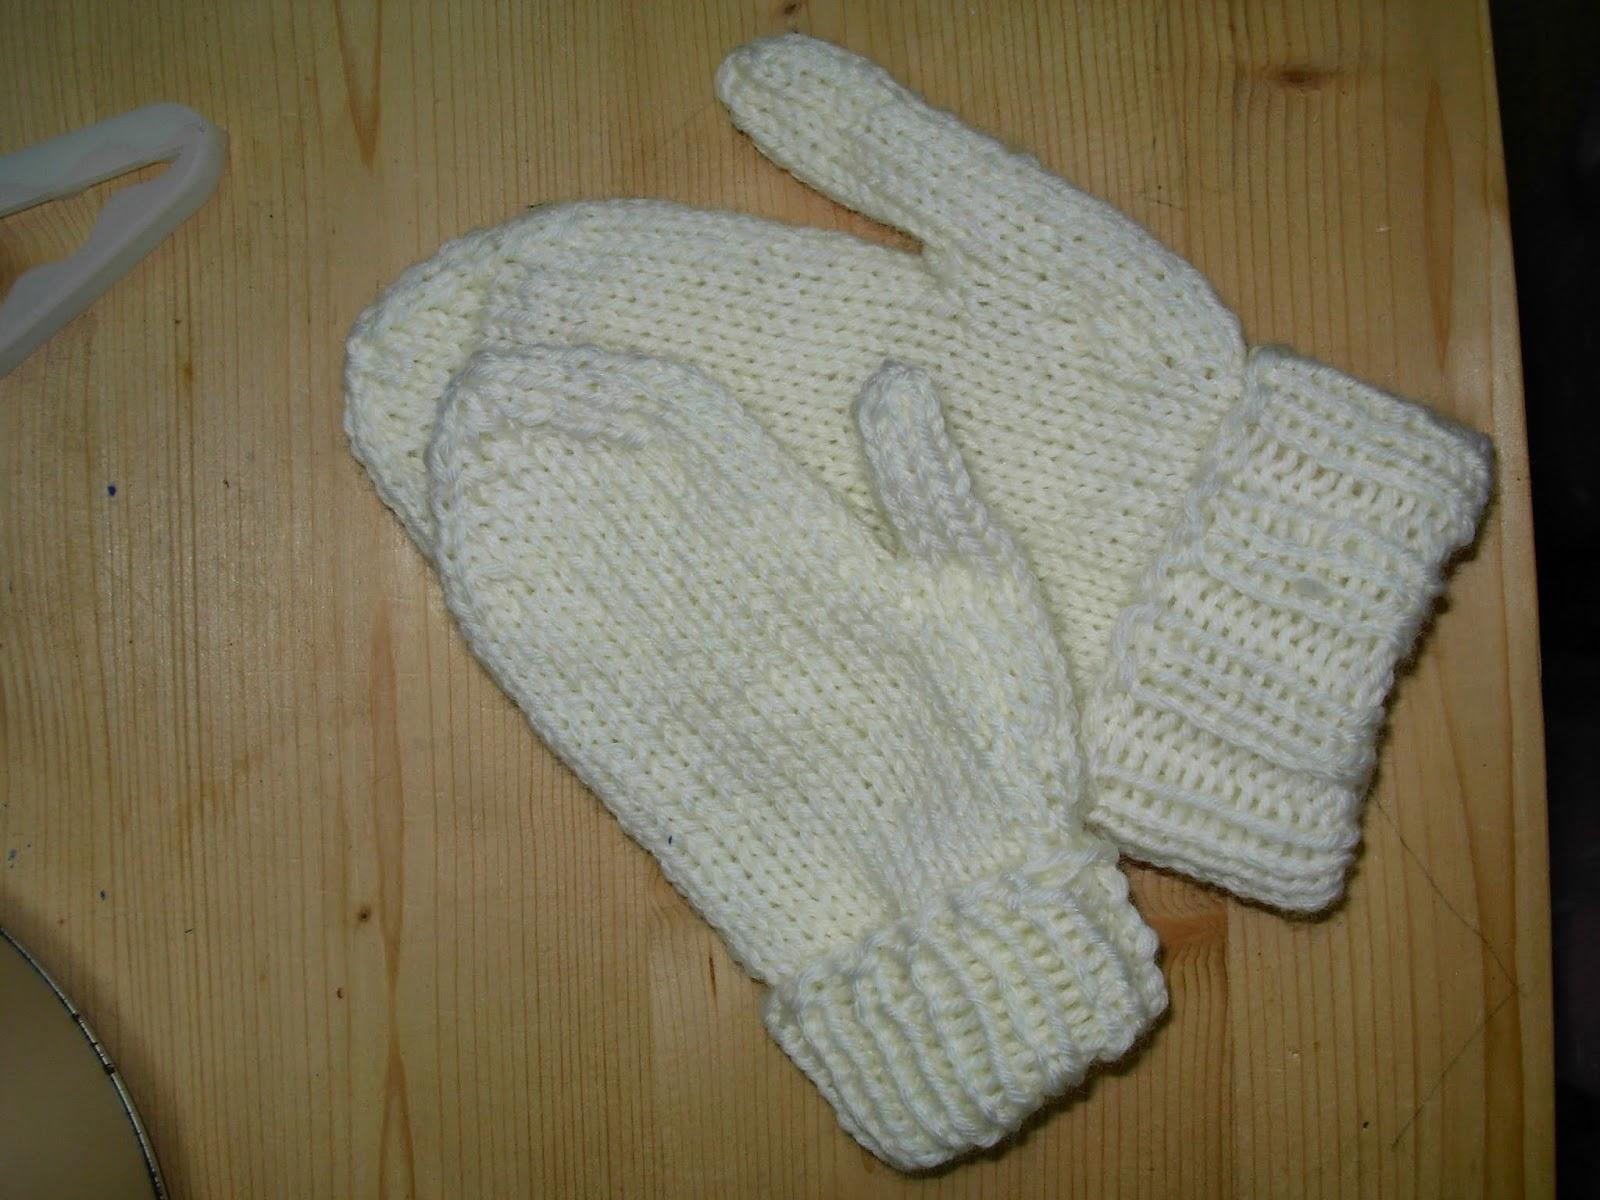 Der schneeweisse Handschuh ein Wintermärchen